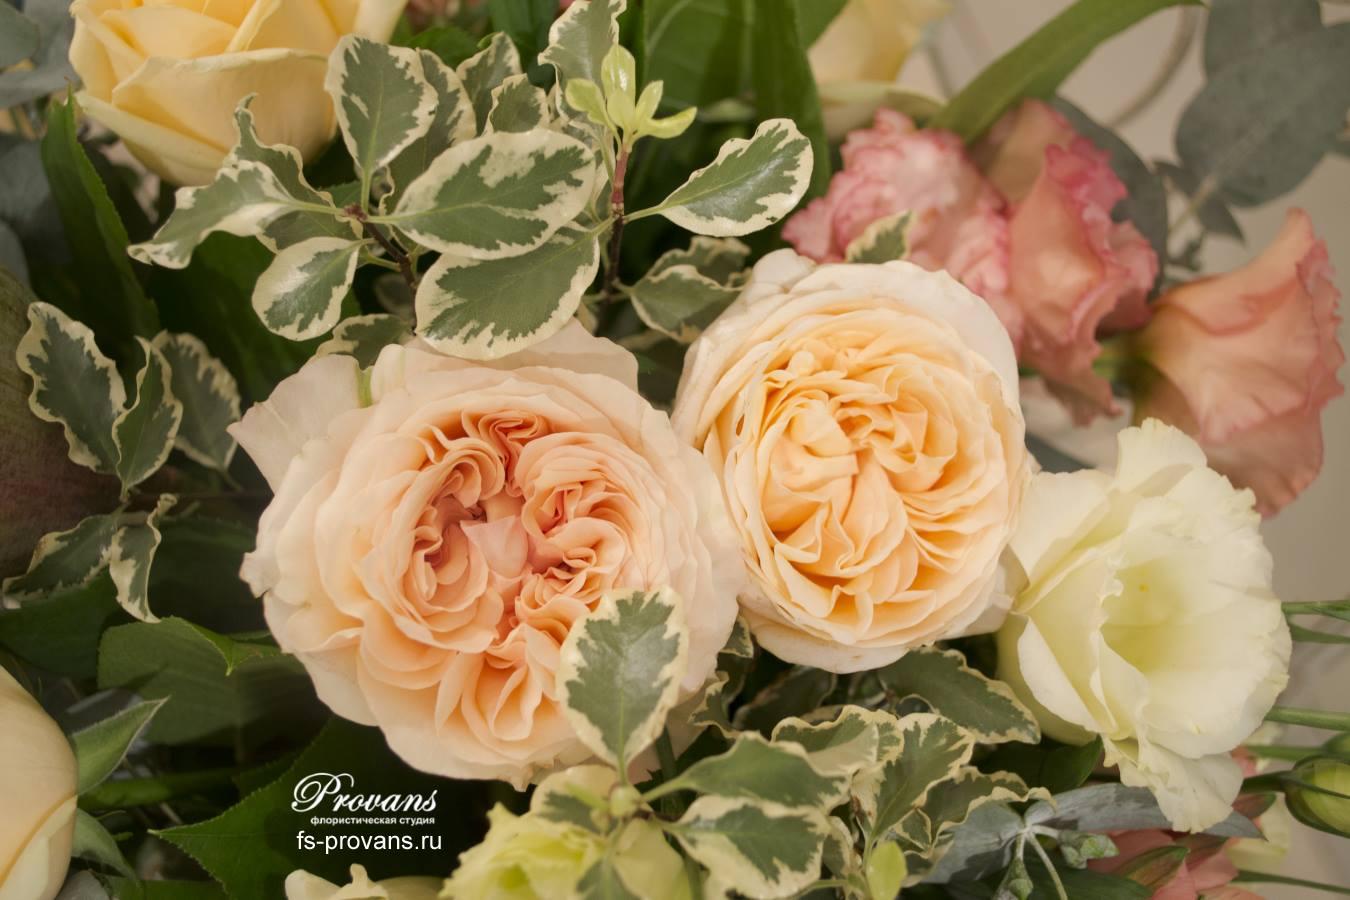 Букет на день рождения. Ароматная роза, плоды лотоса, альстромерия